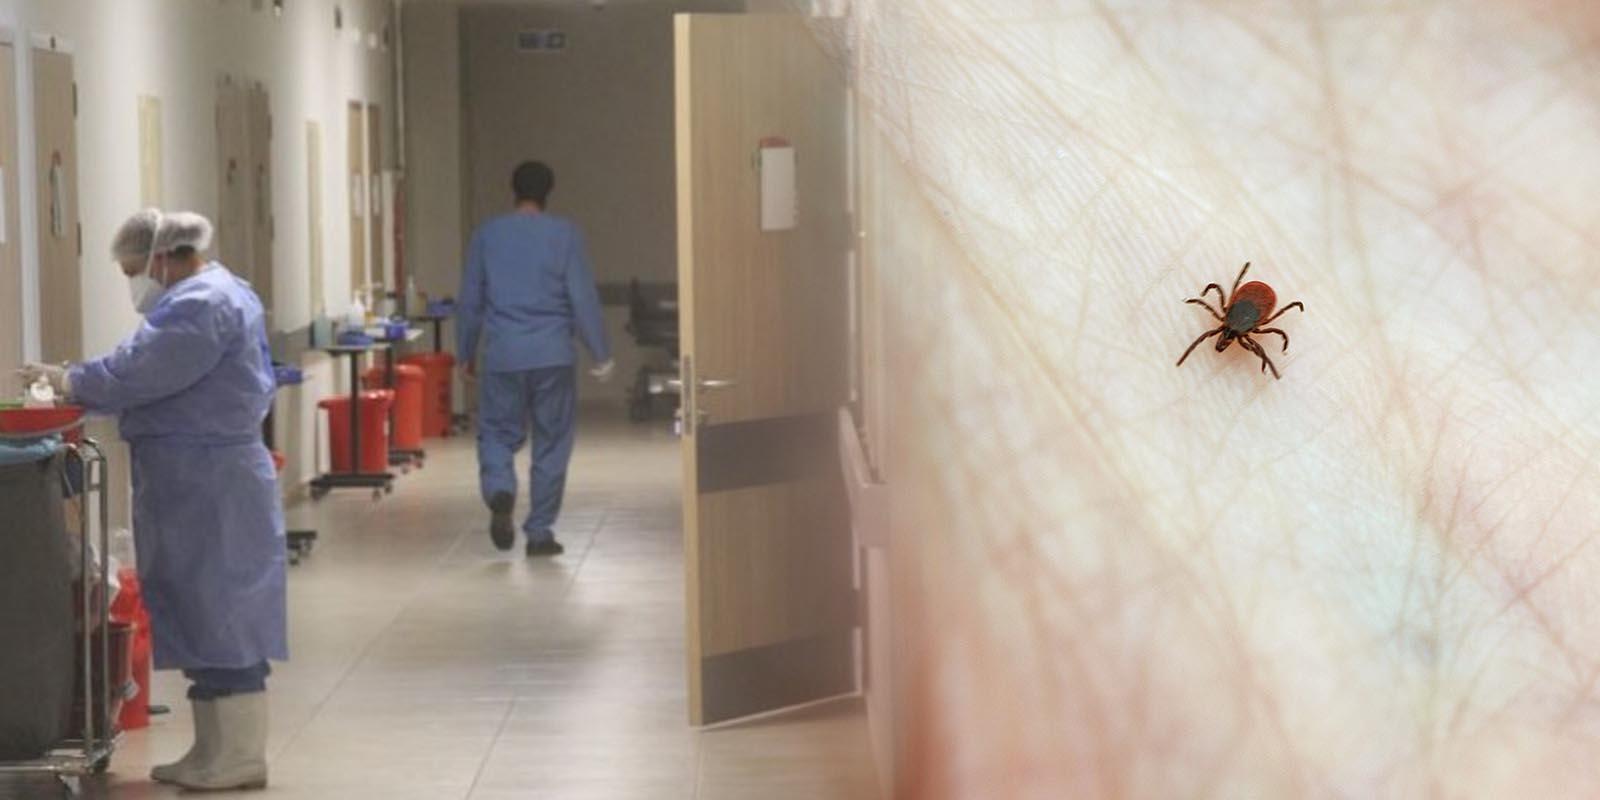 Kene kabusu geri mi dönüyor? Erzincan'da 7 kişi kene ısırması sonucu hastanelik oldu